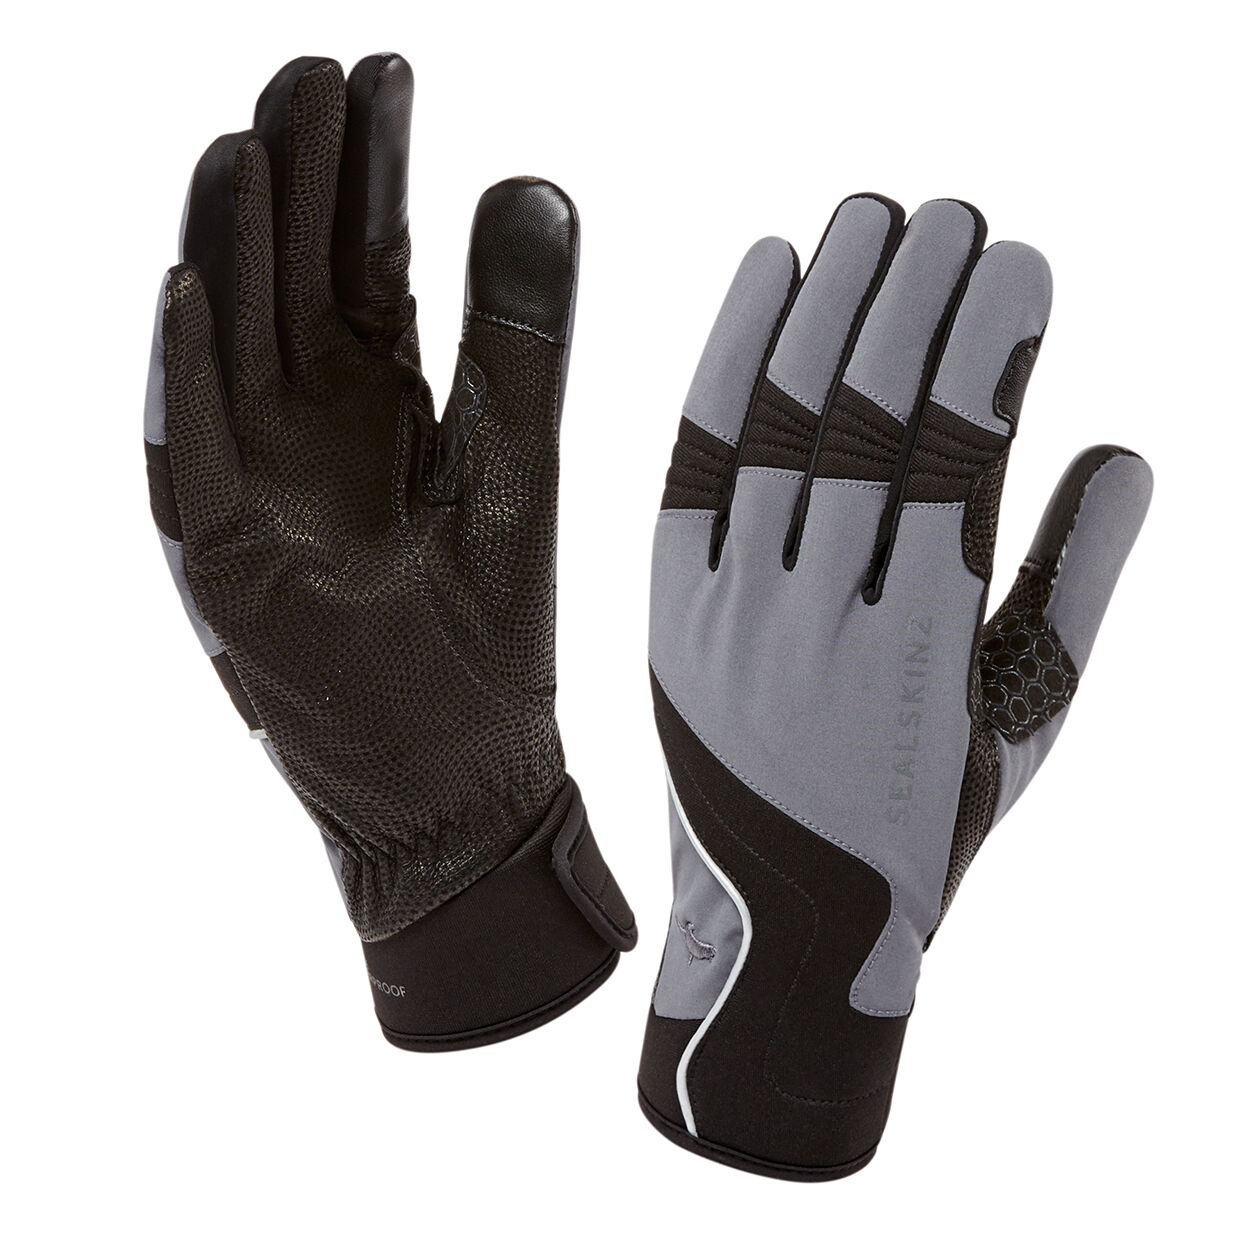 Bekleidung Camping & Outdoor Neu Sealskinz Dragonee Handschuhe Outdoor Kleidung Zubehör Schwarz